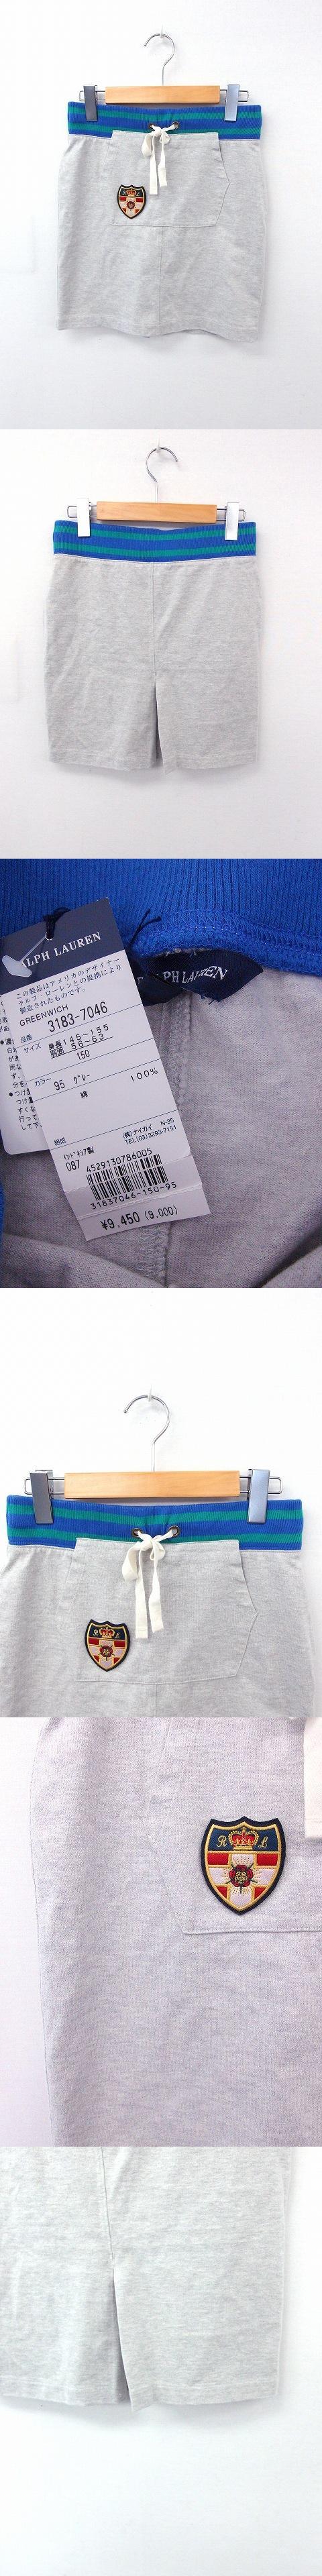 タグ付き 子供服 キッズ スカート タイト ゴム ワッペン コットン 綿 150 グレー 灰 /FT35